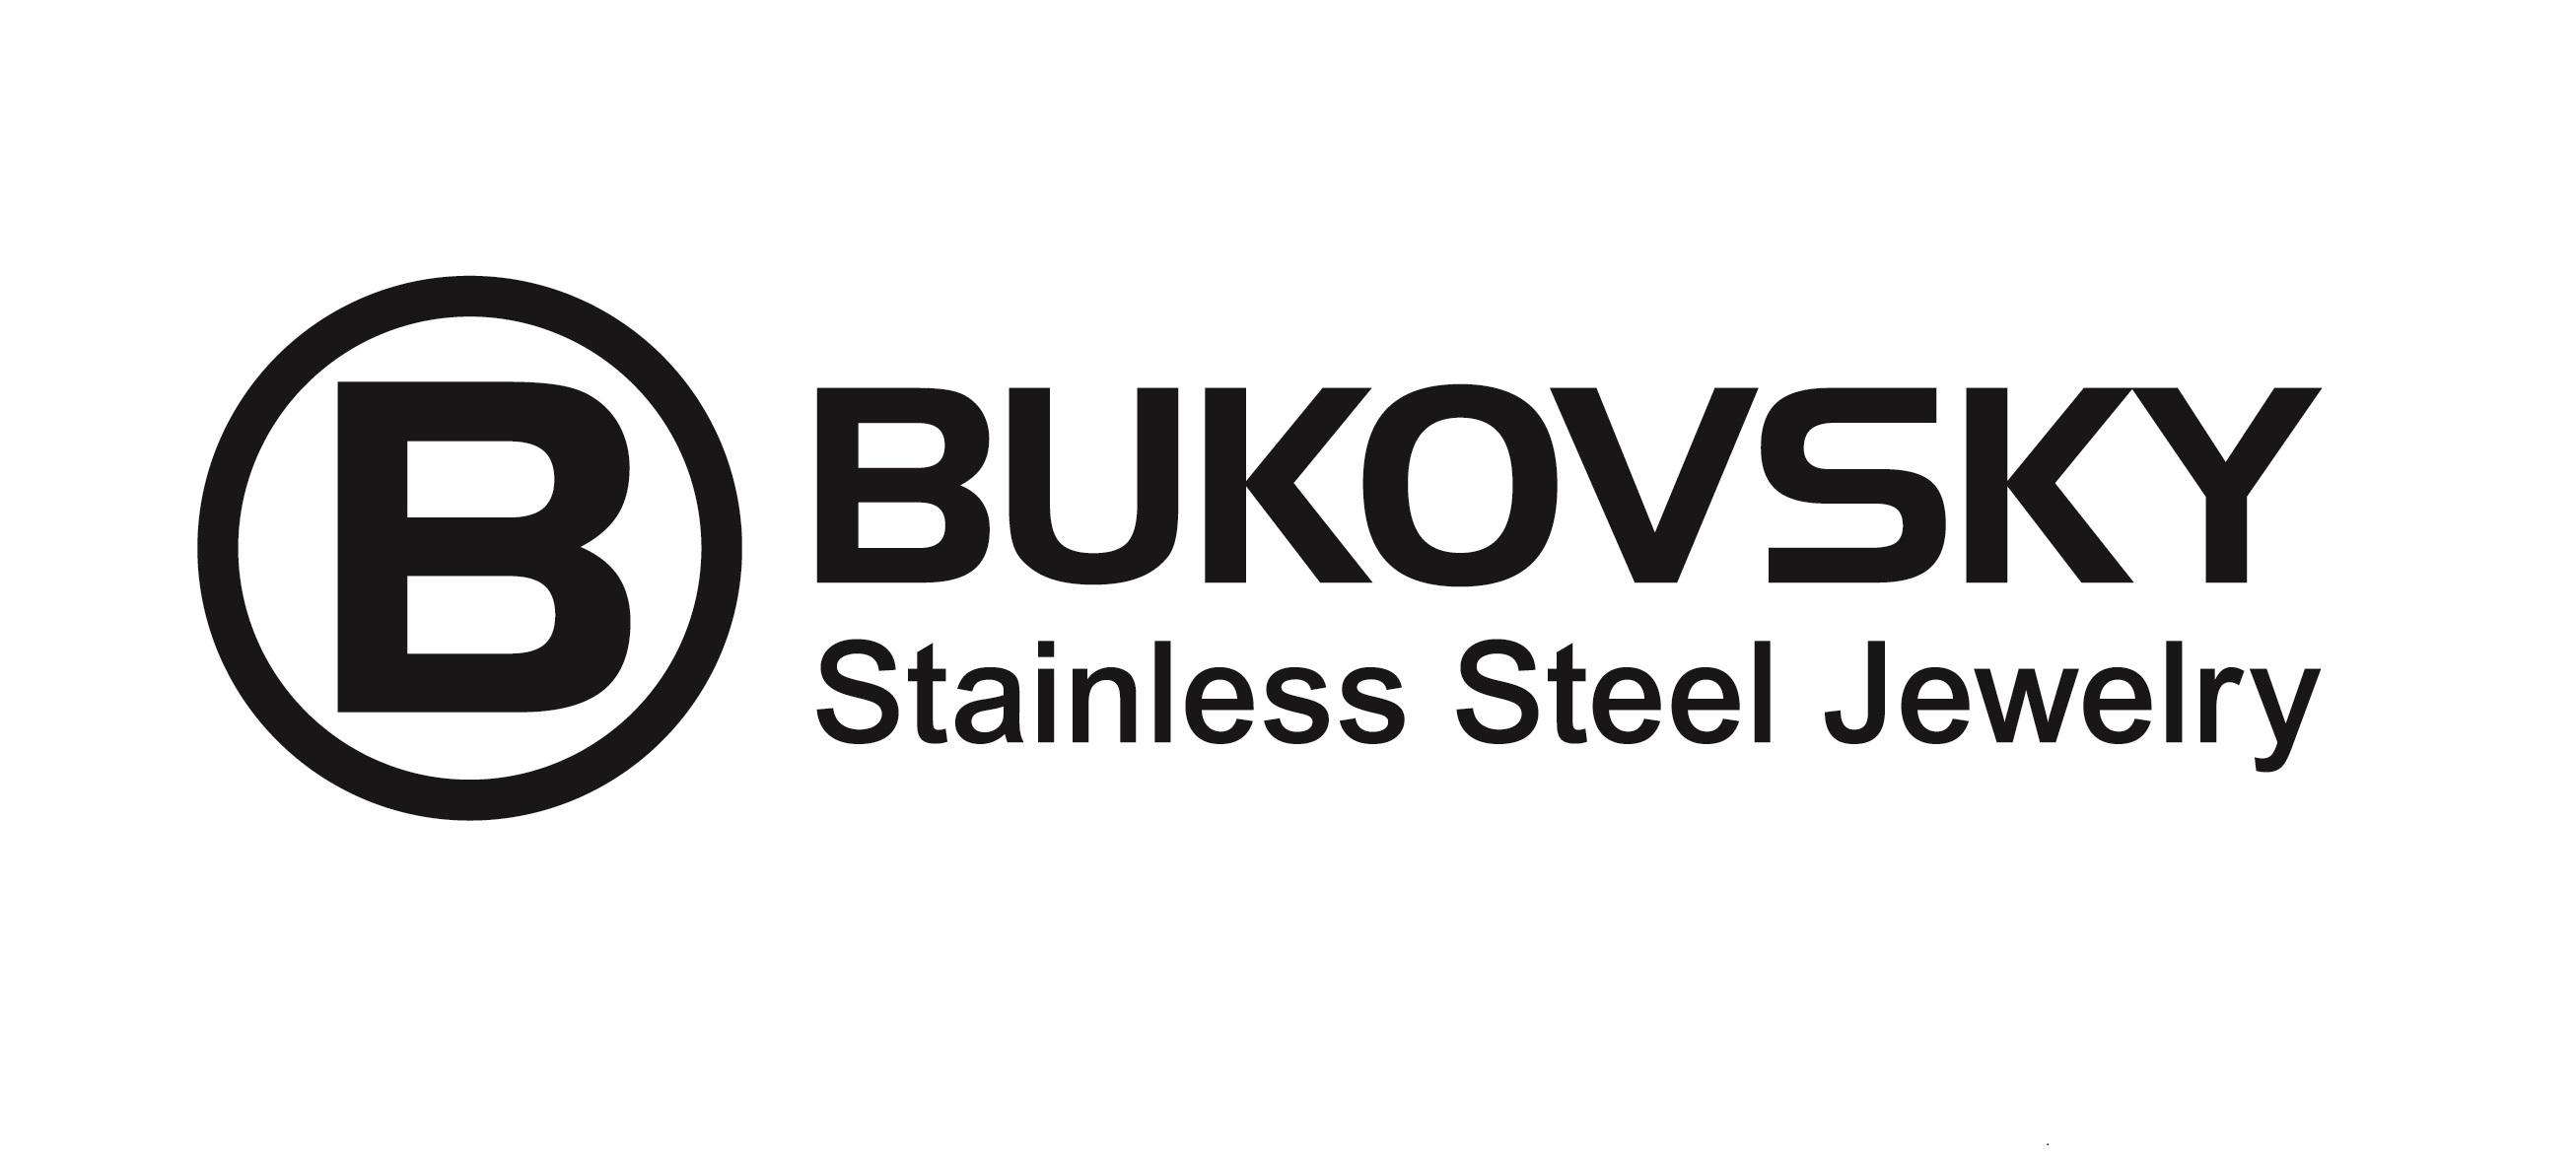 Roestvrij stalen Bukovsky armbanden small. Maak je outfit compleet. Voor hem en haar. Bukovsky.nl